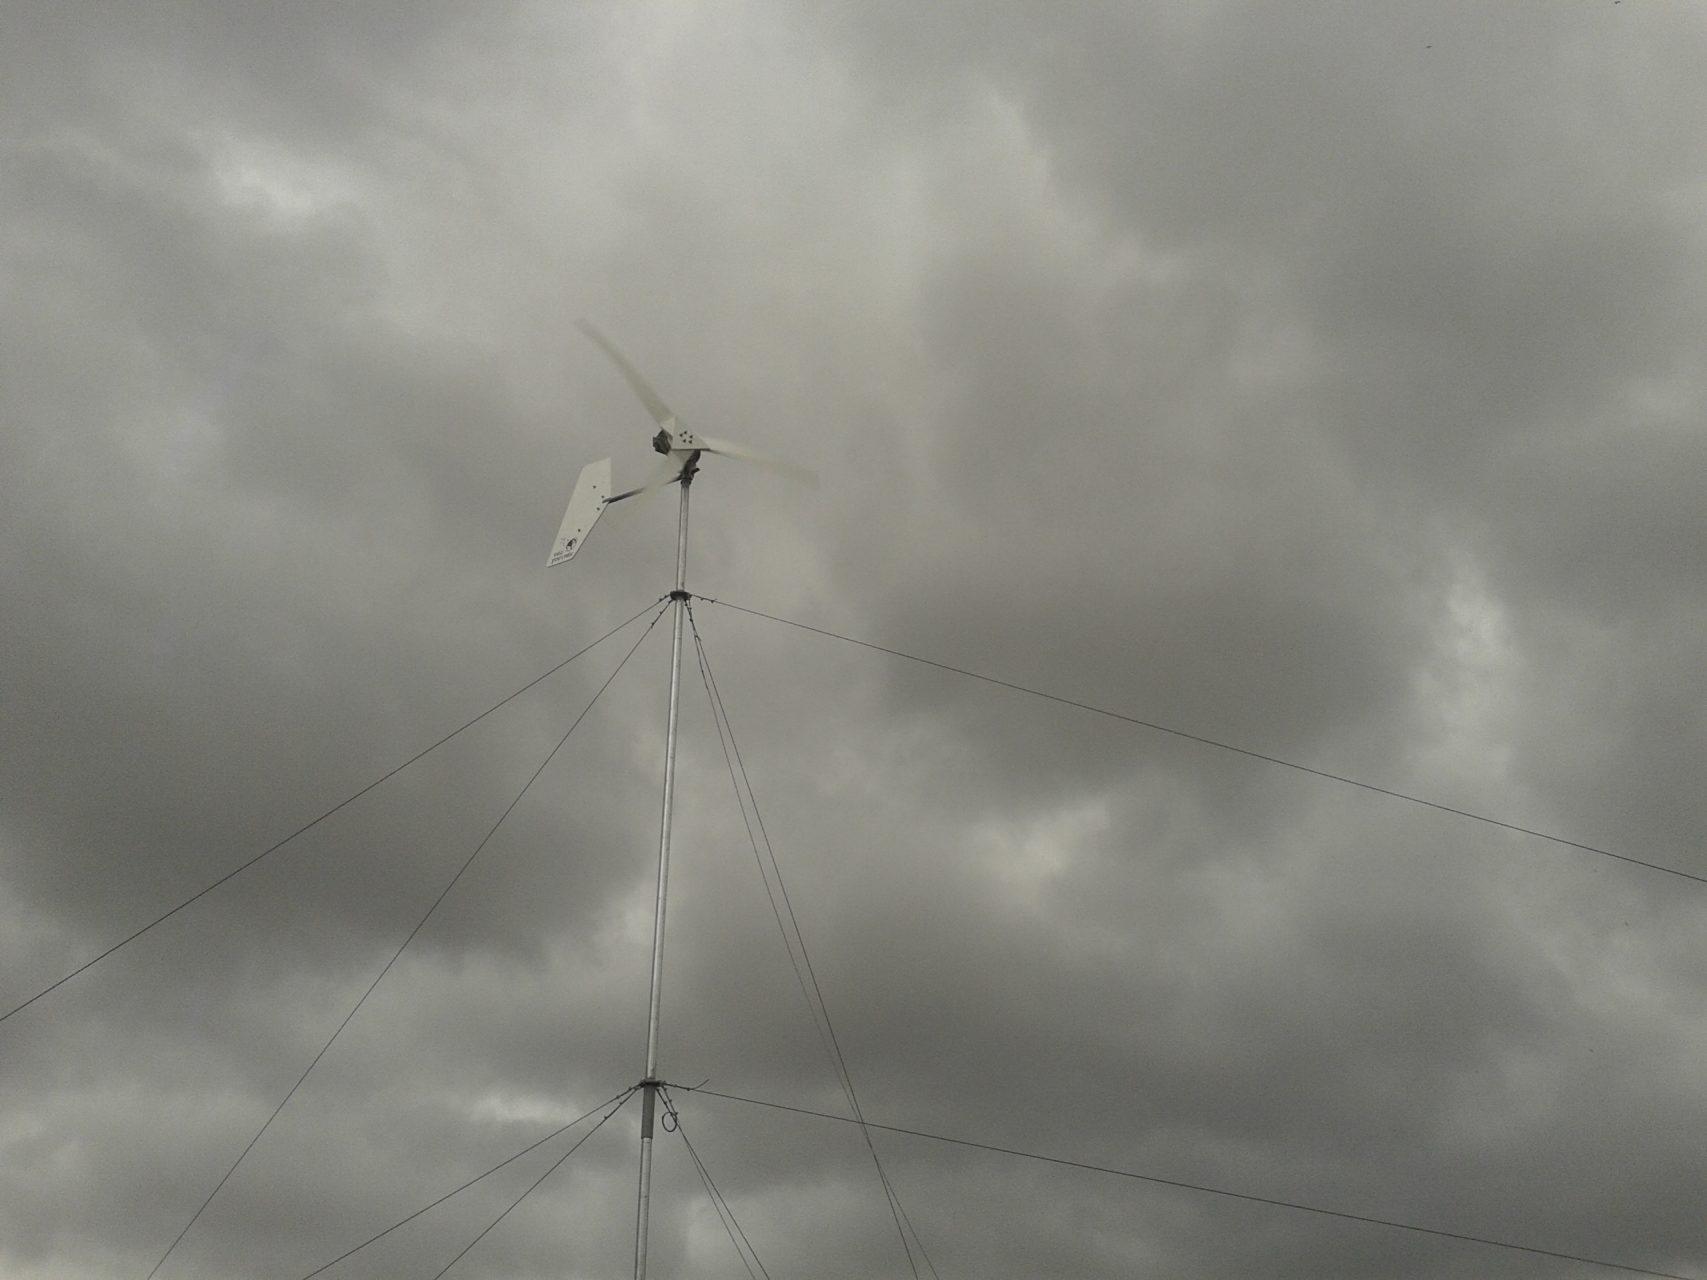 Λειτουργία σε ισχυρούς ανέμους